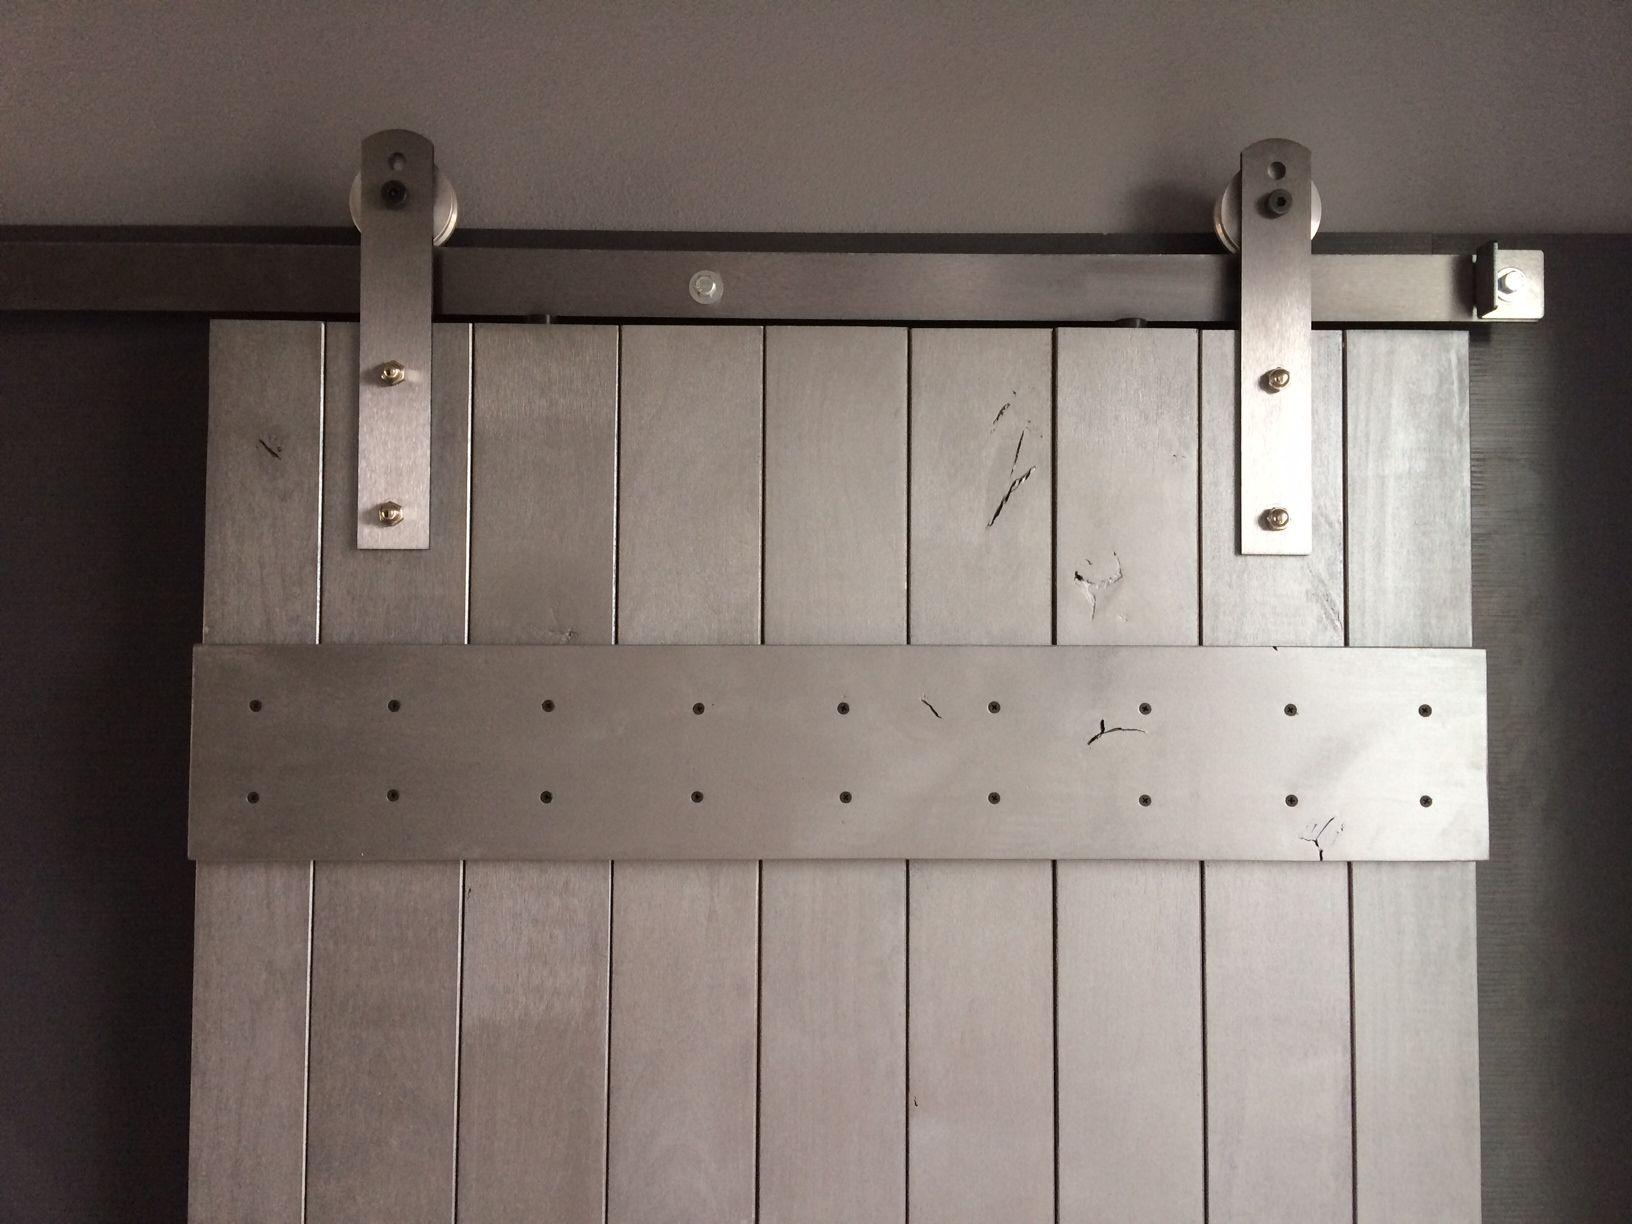 Wondrous Dark Wooden Interior Barn Style Doors Hardware With